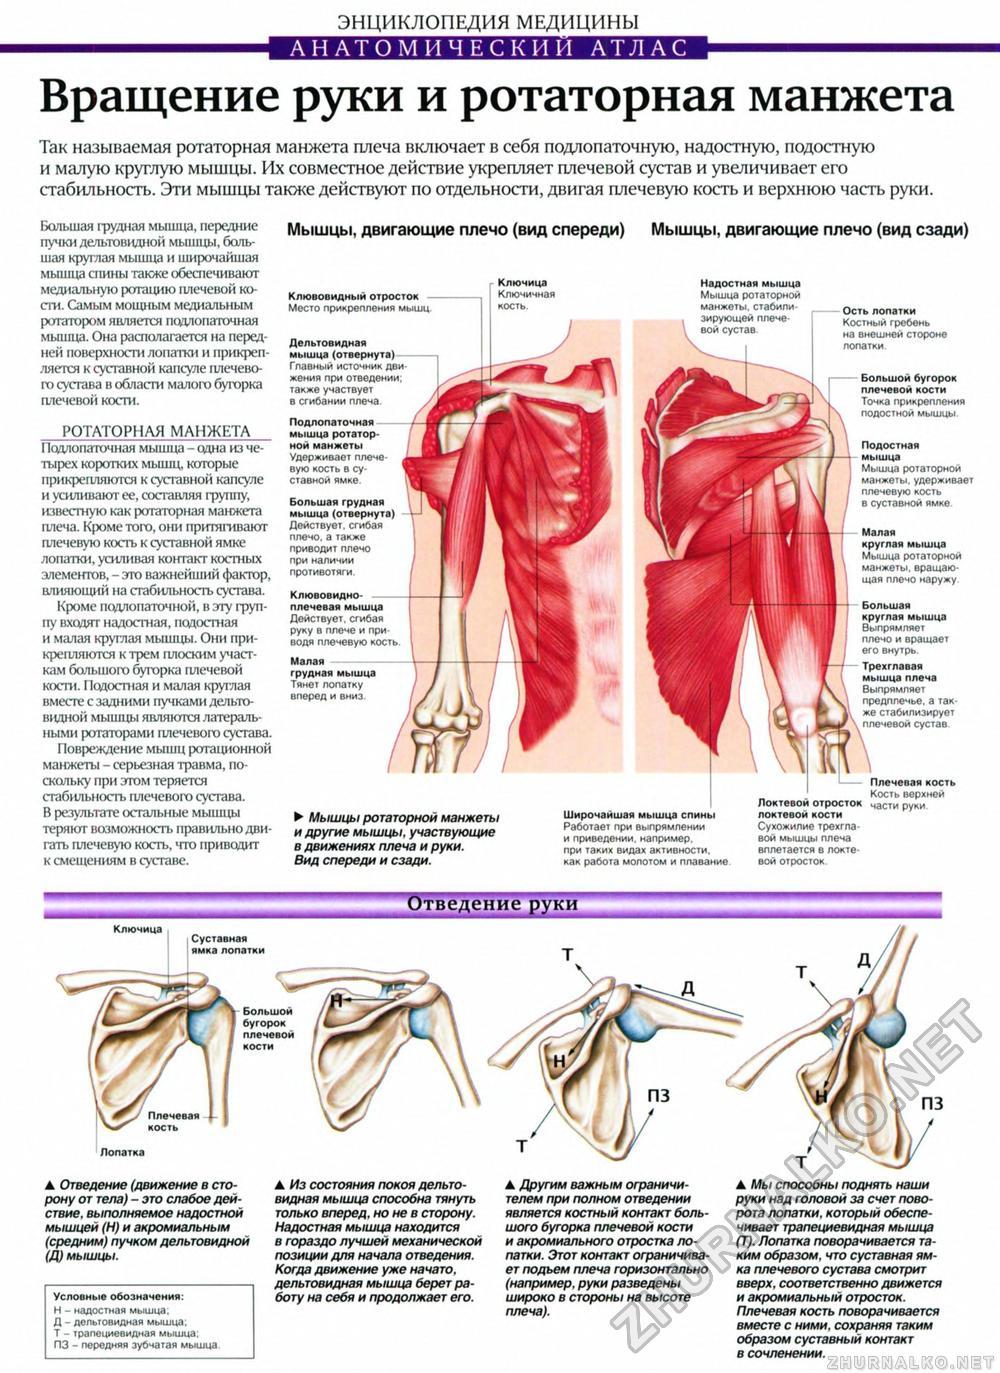 Растяжение связок голеностопного сустава чем лечится